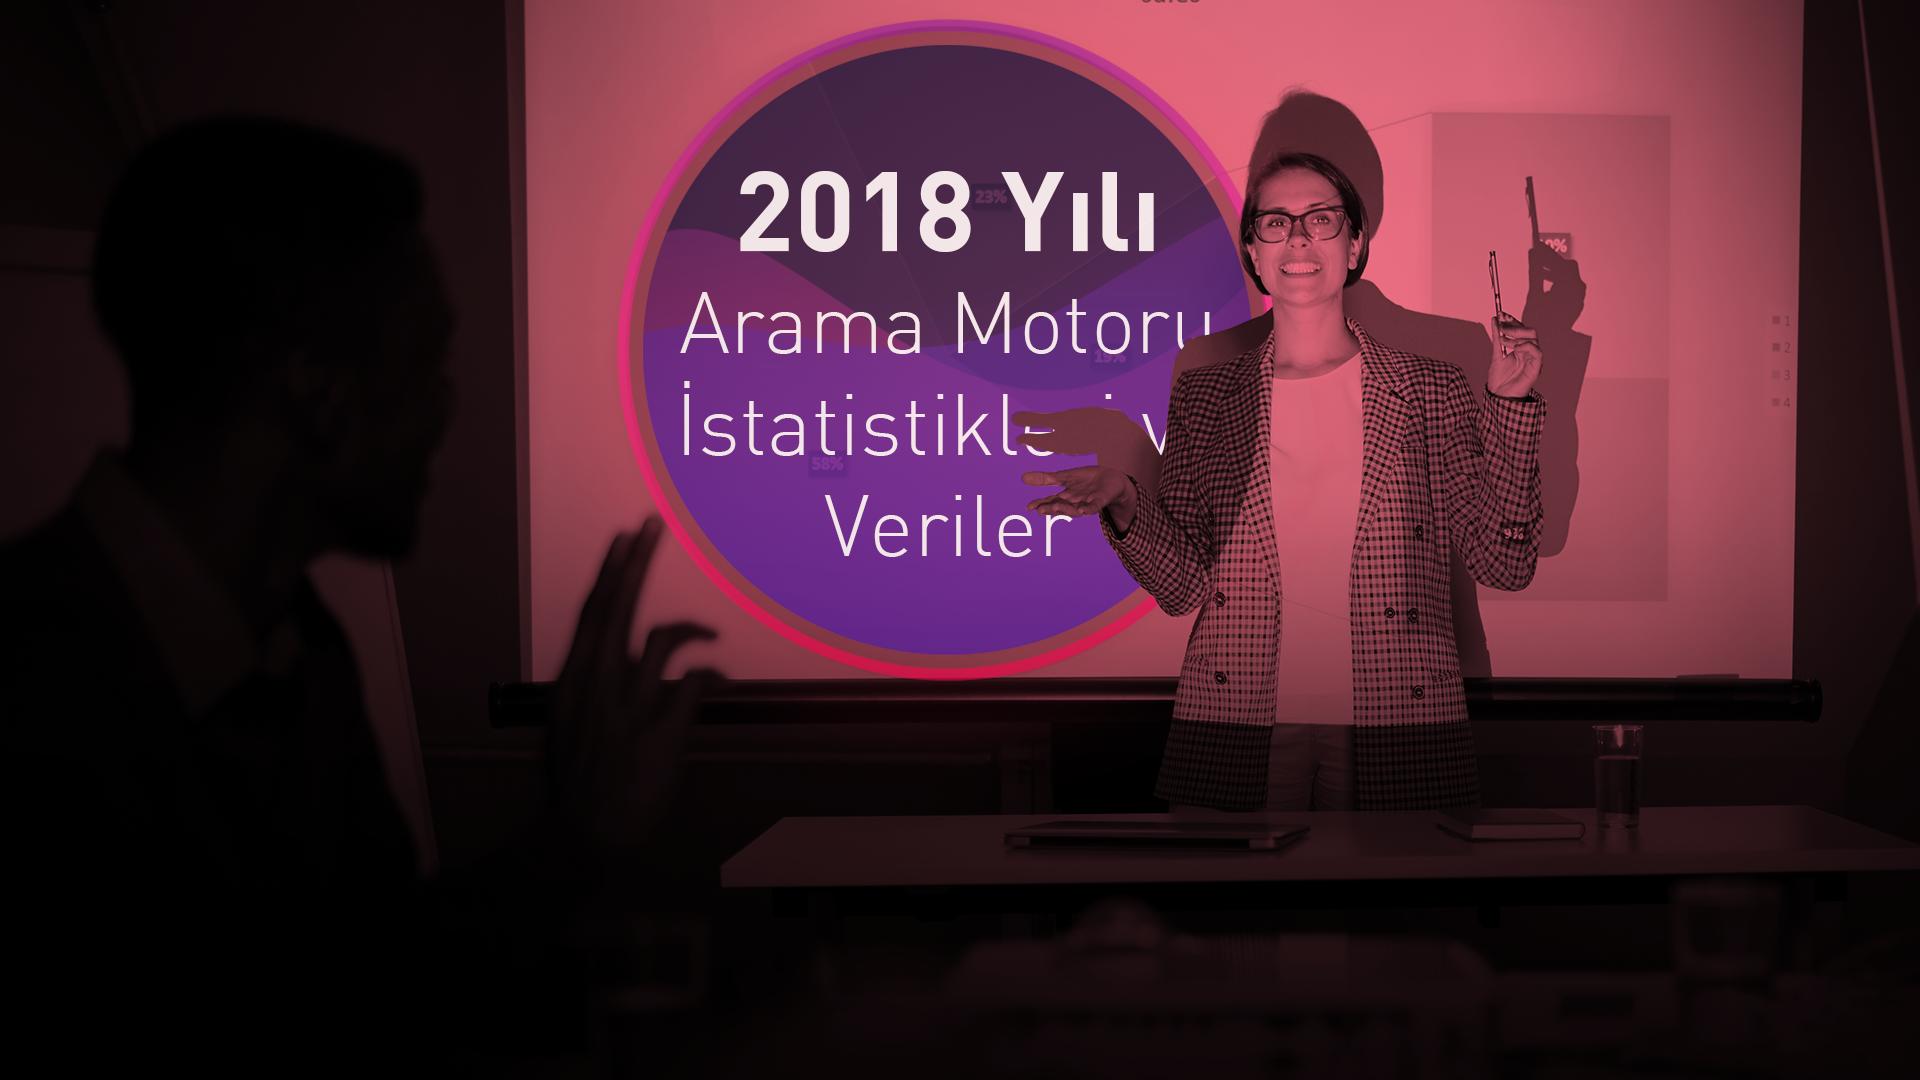 2018 Yılı Arama Motoru İstatistikleri